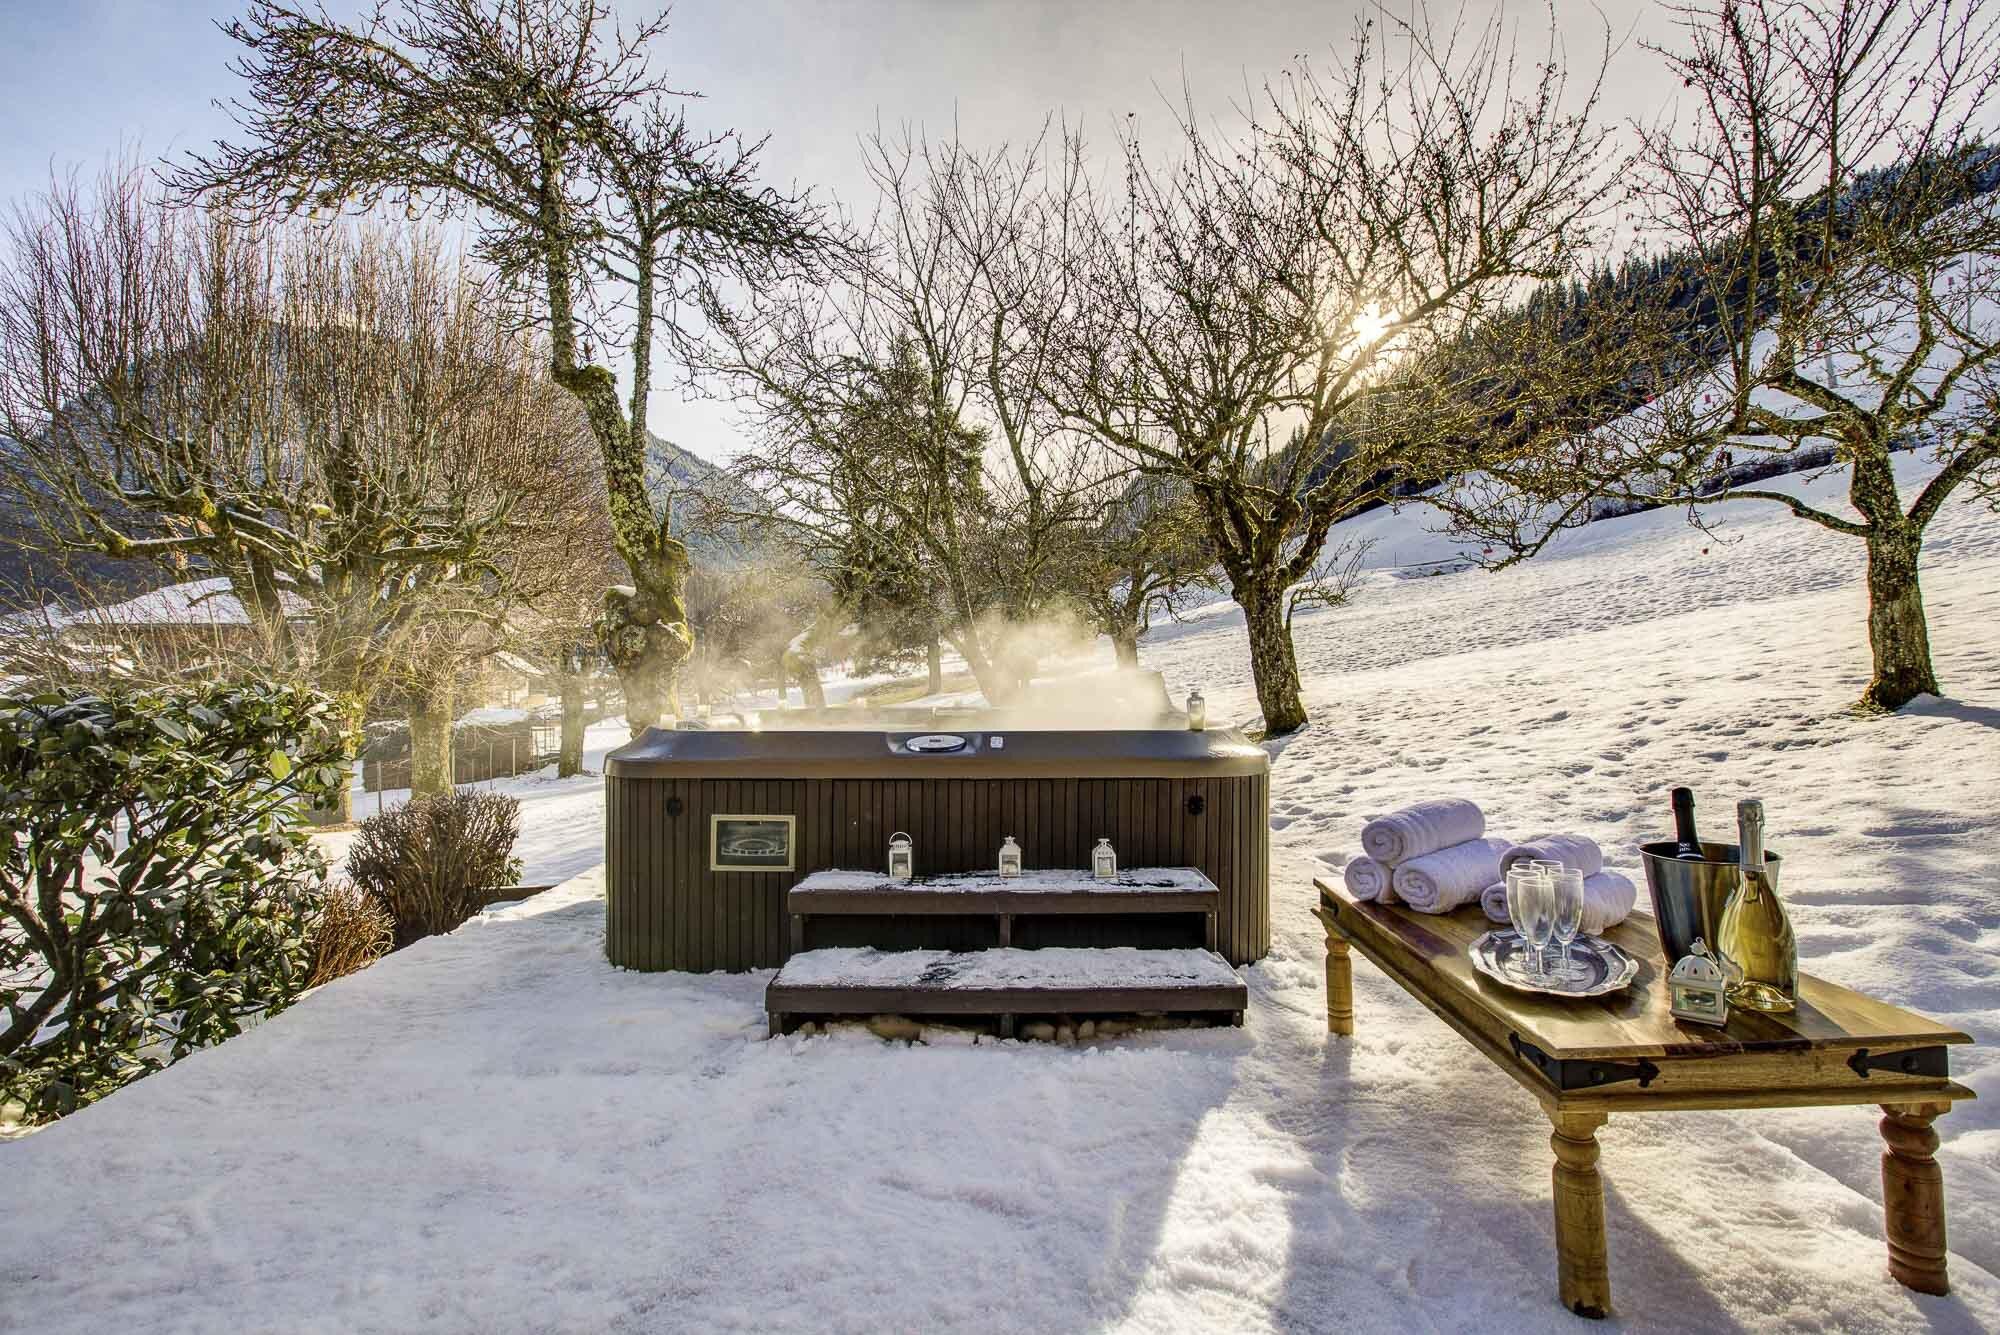 tg-ski-chalet-du-bois-morzine-004.jpg